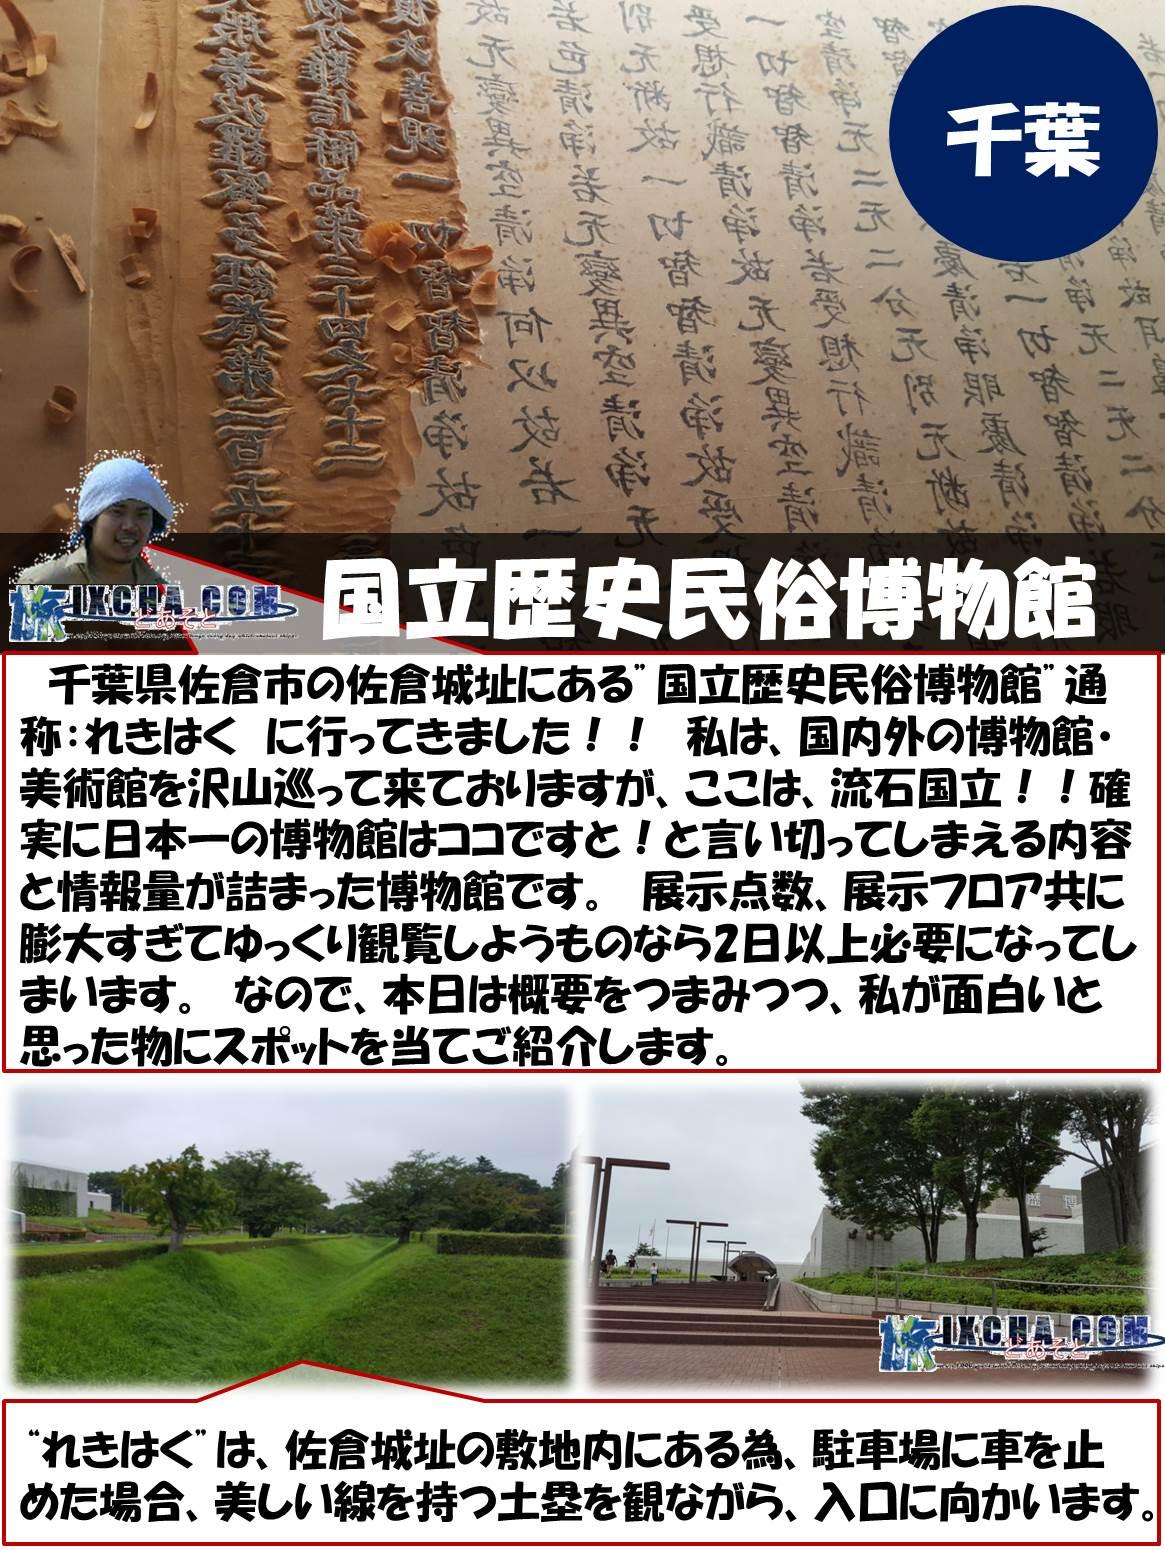 """千葉 国立歴史民俗博物館 千葉県佐倉市の佐倉城址にある""""国立歴史民俗博物館""""通称:れきはく に行ってきました!! 私は、国内外の博物館・美術館を沢山巡って来ておりますが、ここは、流石国立!!確実に日本一の博物館はココですと!と言い切ってしまえる内容と情報量が詰まった博物館です。 展示点数、展示フロア共に膨大すぎてゆっくり観覧しようものなら2日以上必要になってしまいます。 なので、本日は概要をつまみつつ、私が面白いと思った物にスポットを当てご紹介します。 """"れきはく""""は、佐倉城址の敷地内にある為、駐車場に車を止めた場合、美しい線を持つ土塁を観ながら、入口に向かいます。"""